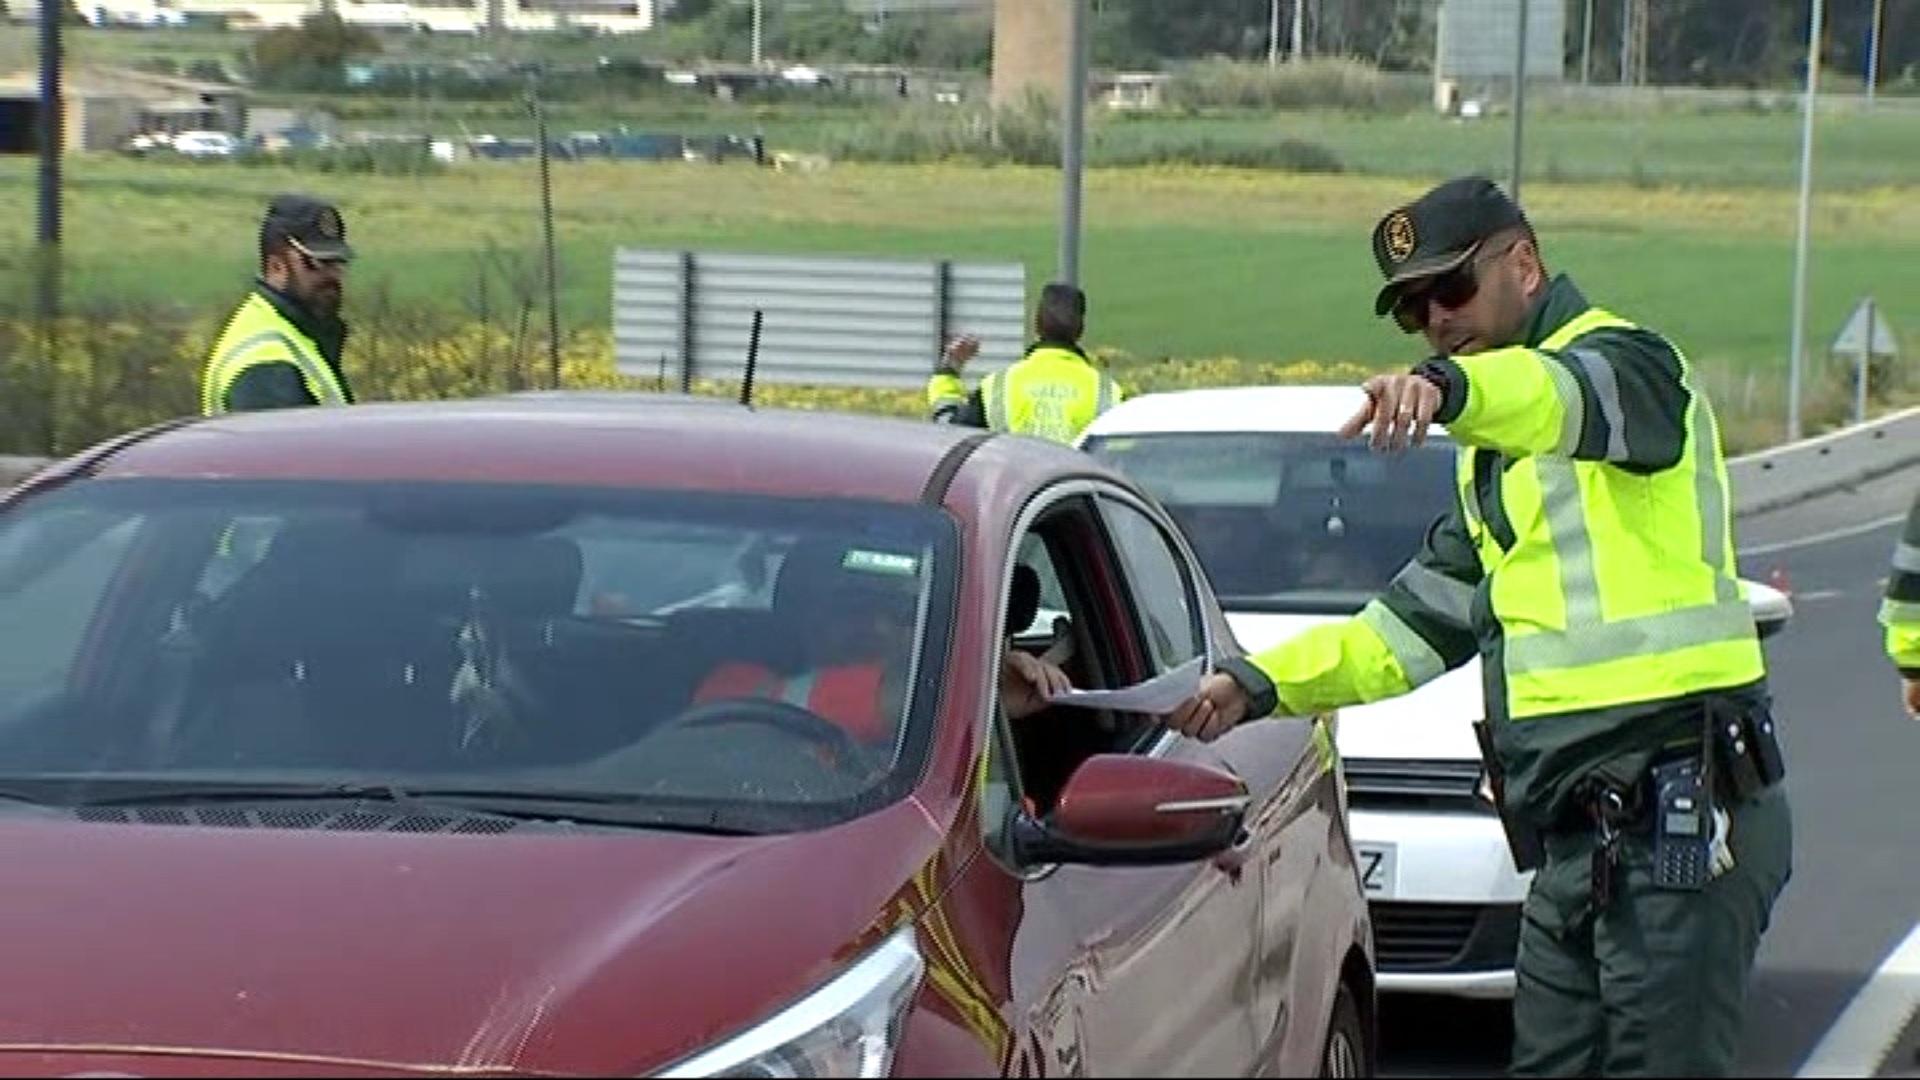 Catorze+persones+detingudes+a+Balears+per+desobedi%C3%A8ncia